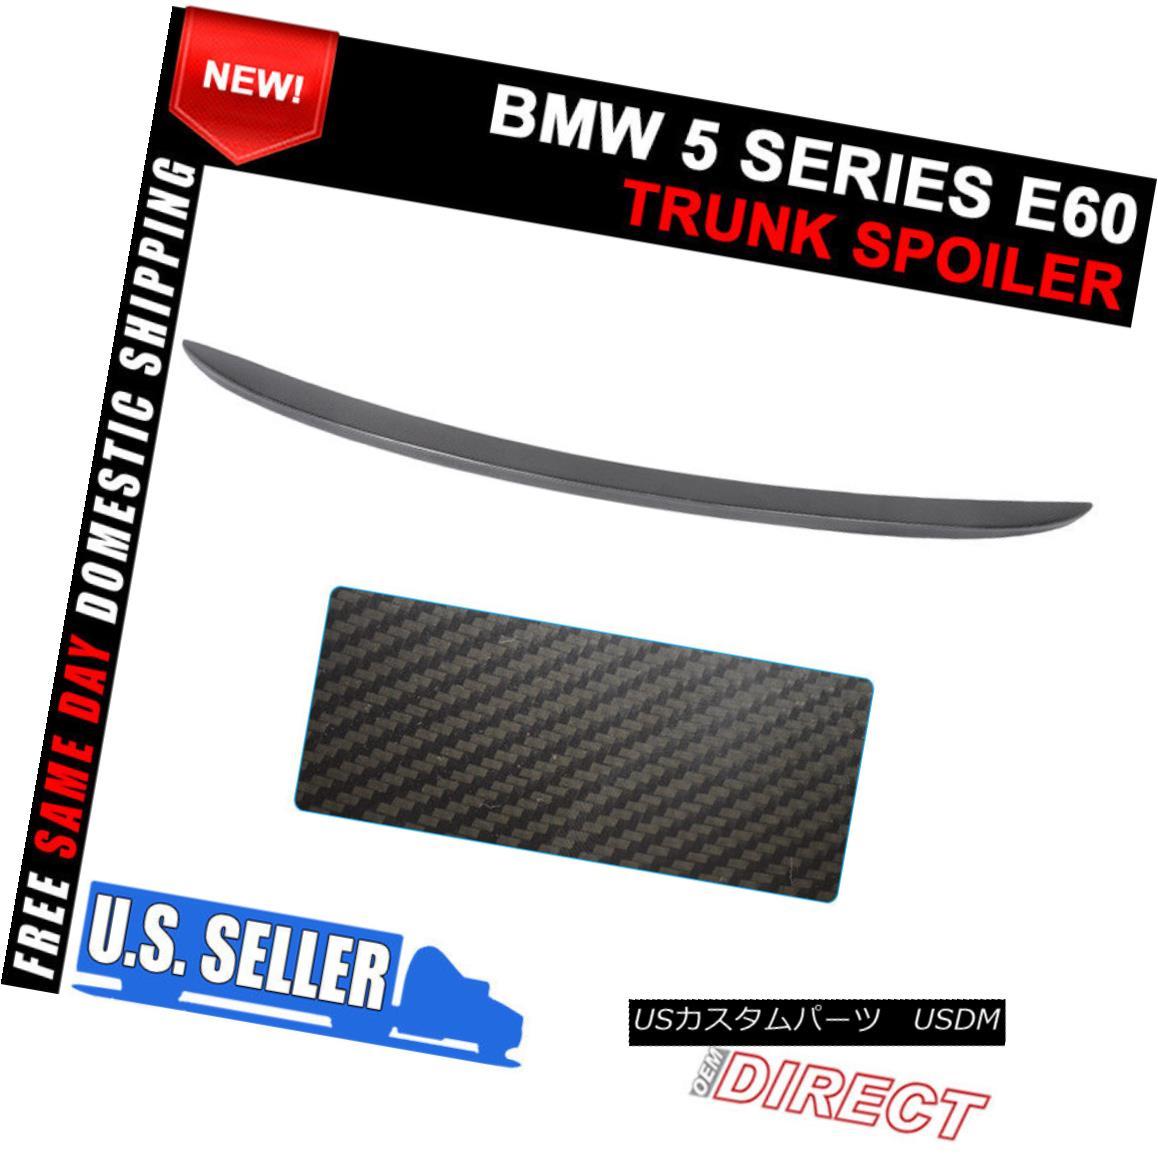 エアロパーツ 04-10 BMW 5 Series E60 4Dr Sedan M5 Tasla Style Trunk Spoiler Lid Matte Carbon 04-10 BMW 5シリーズE60 4DrセダンM5タスラスタイルトランクスポイラーリッドマットカーボン